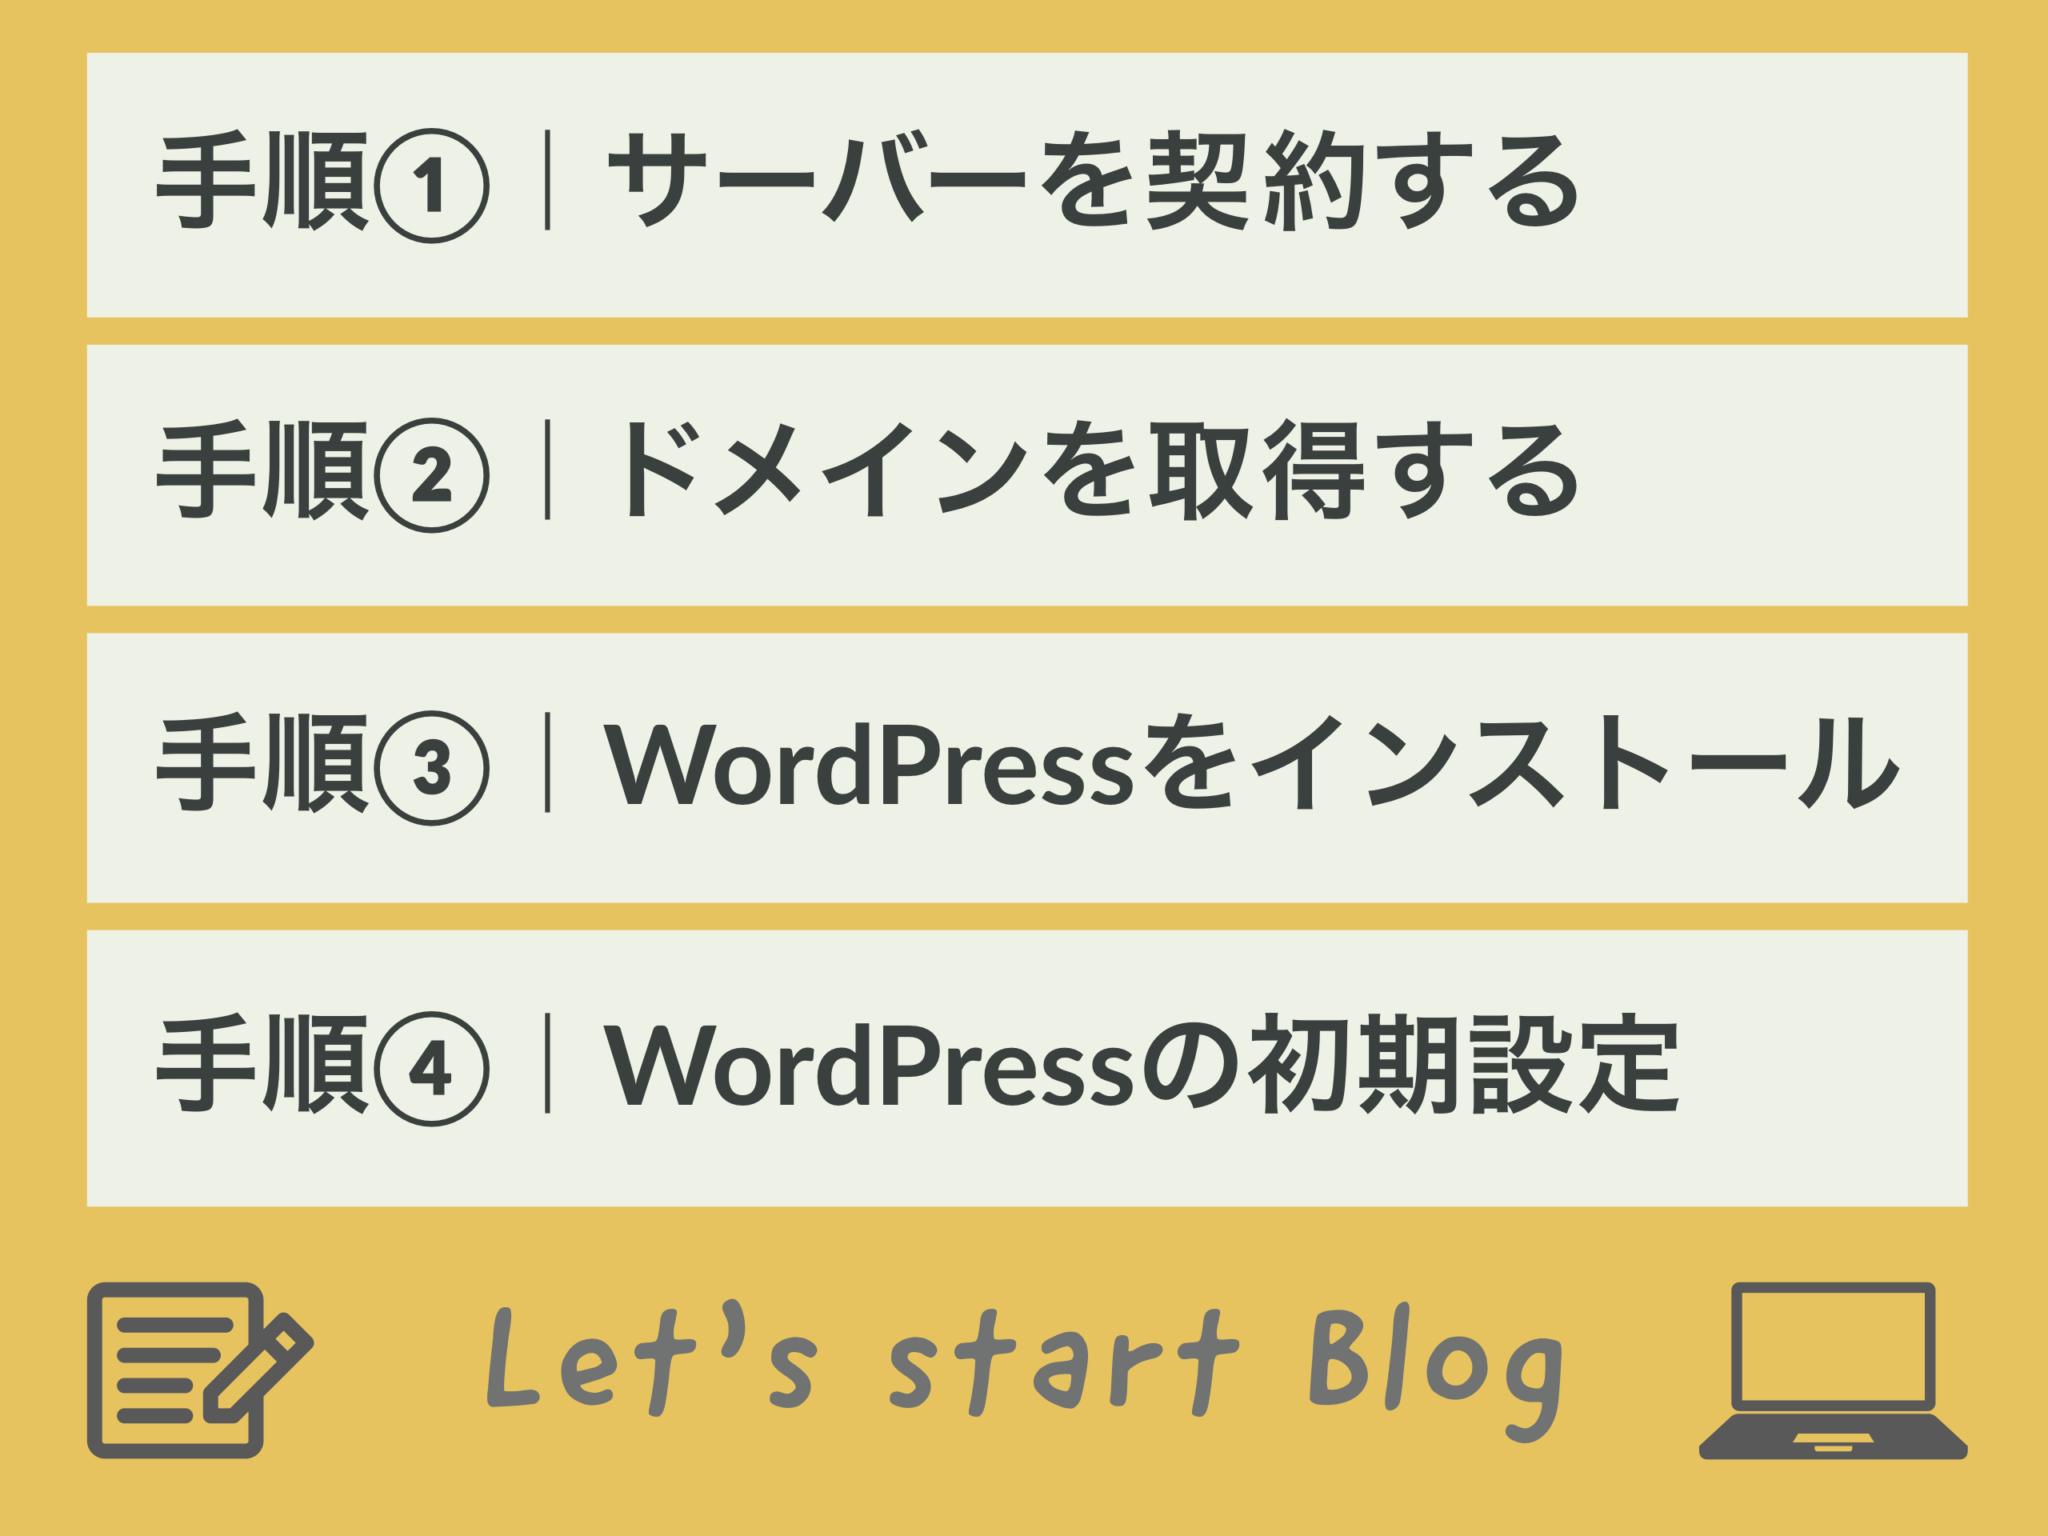 ブログ開設の手順